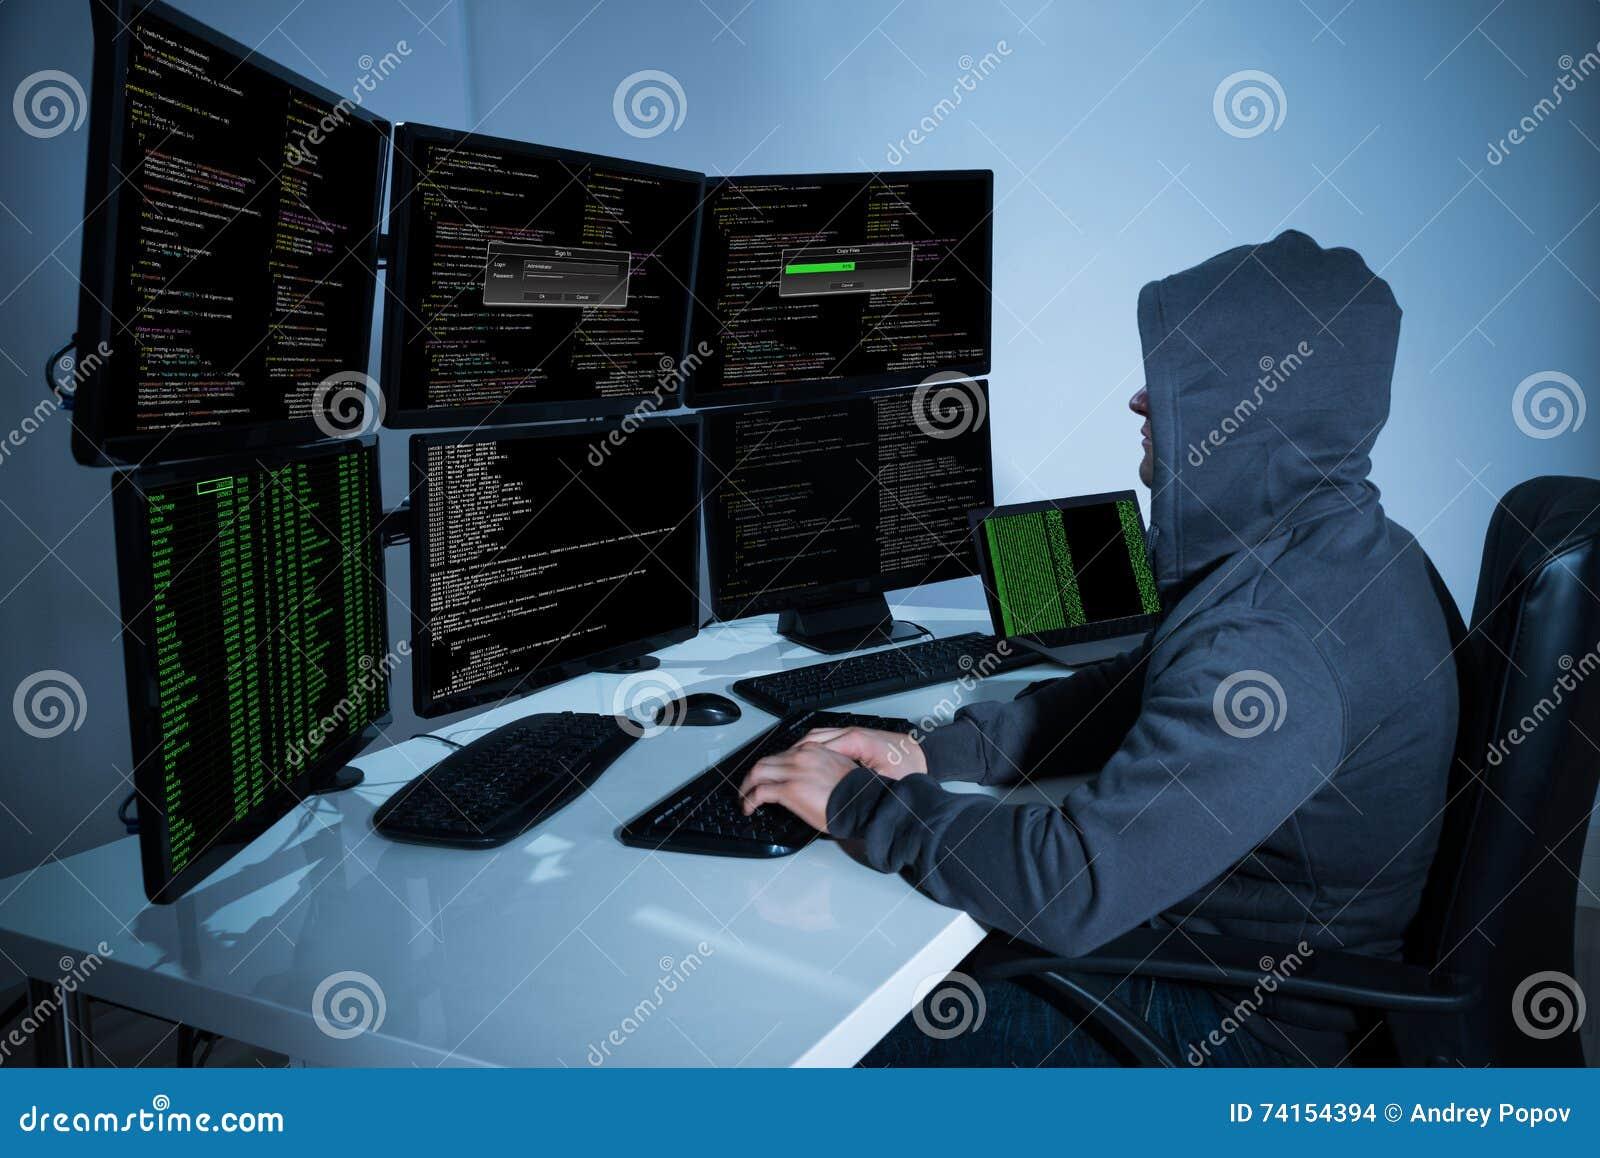 Pirata informático que usa los ordenadores para robar datos